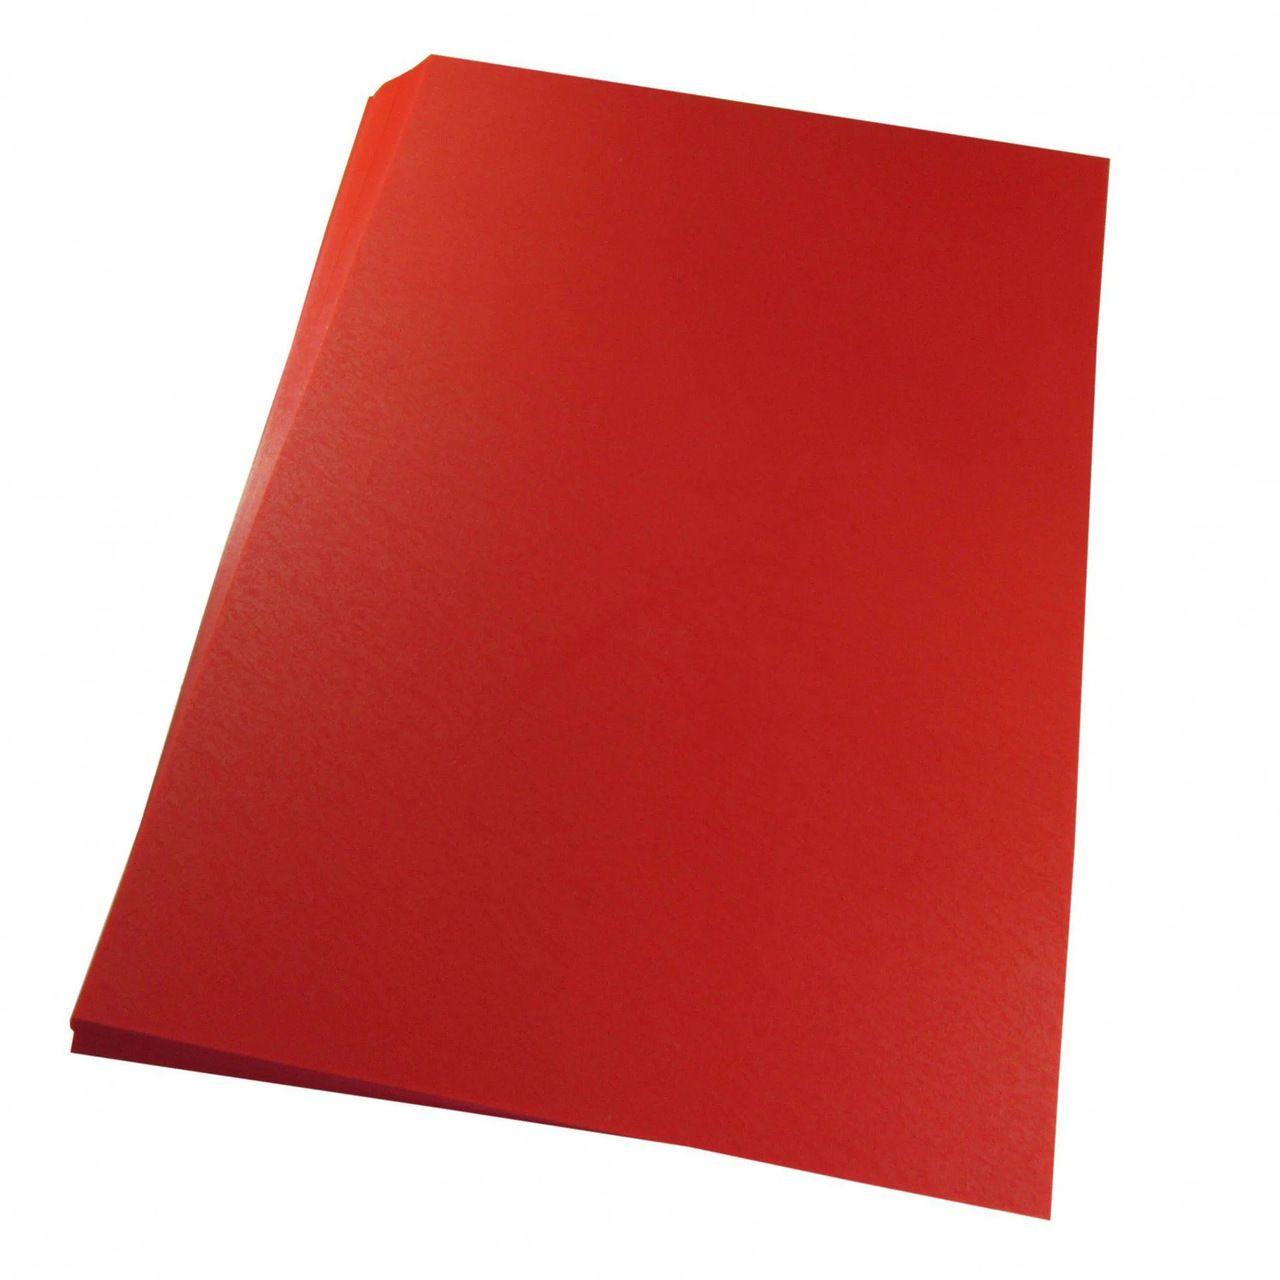 Capa para encadernação A4 Vermelha PP Couro 0,30mm 100un